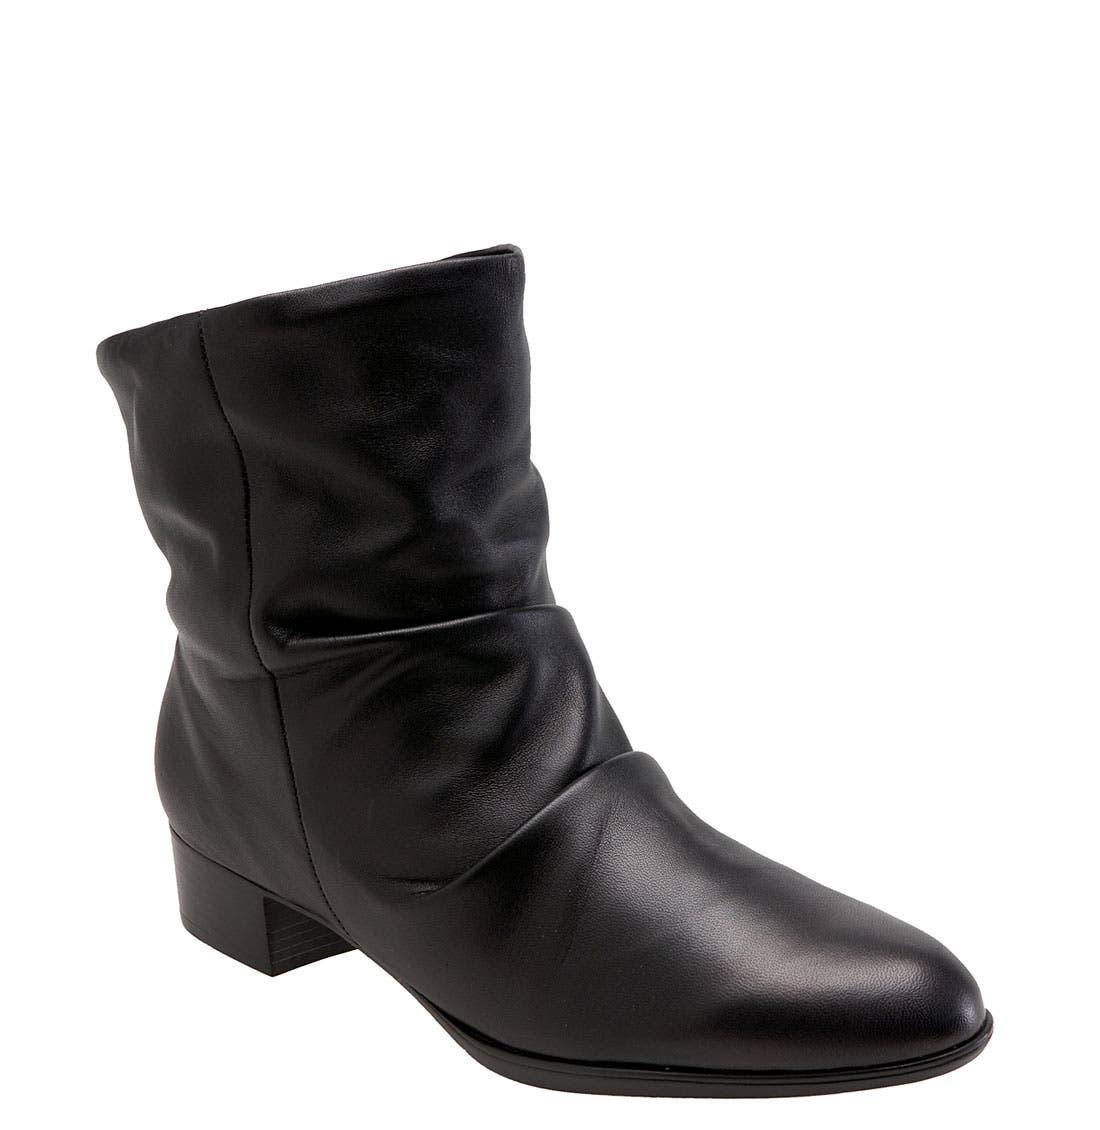 Main Image - Munro 'Tate' Boot